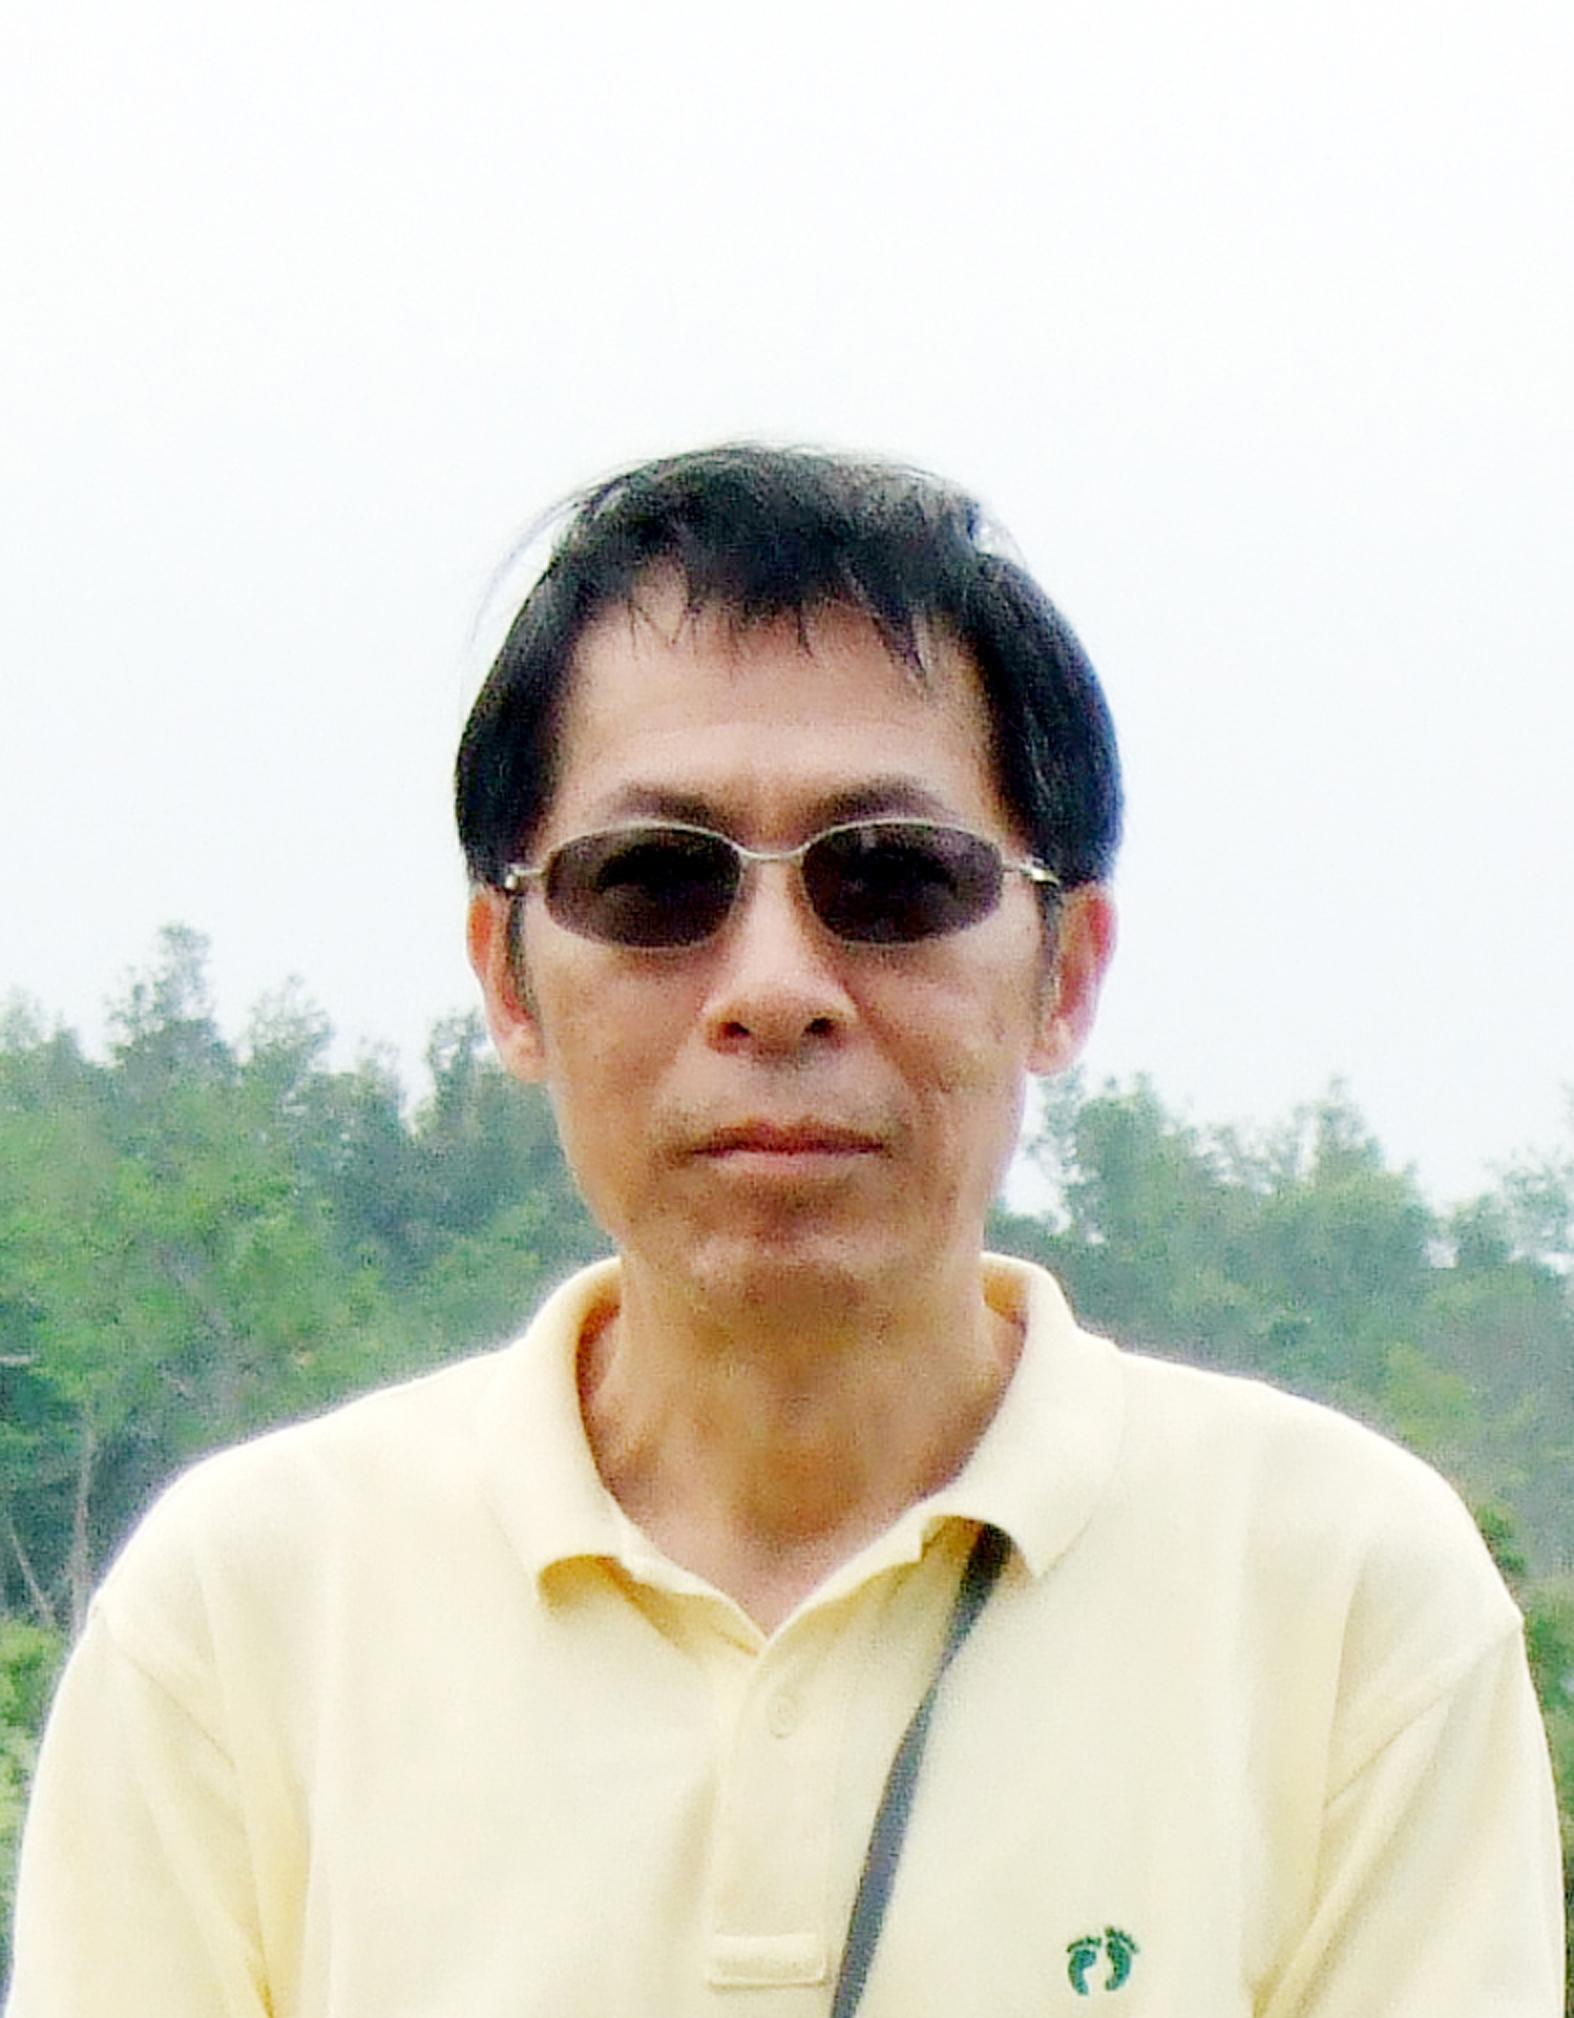 Hsuan-Te Su